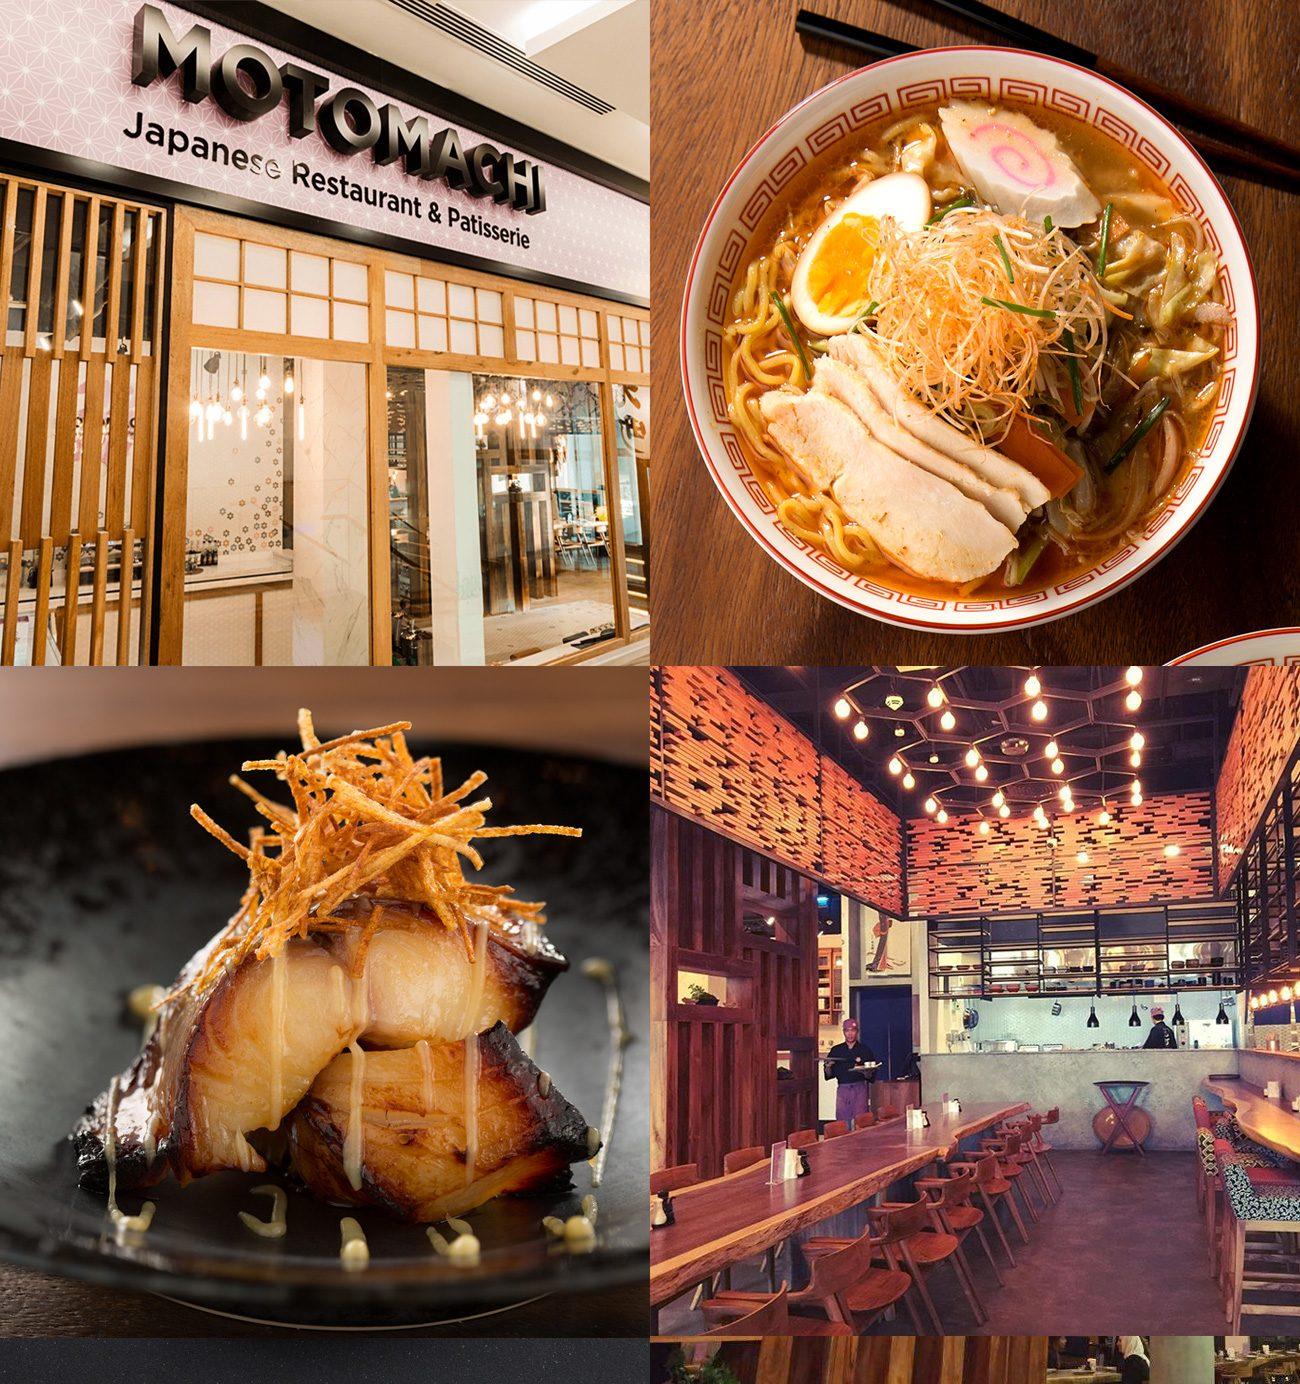 Motomachi Restaurant Branding | Tarek Atrissi Design | The Netherlands